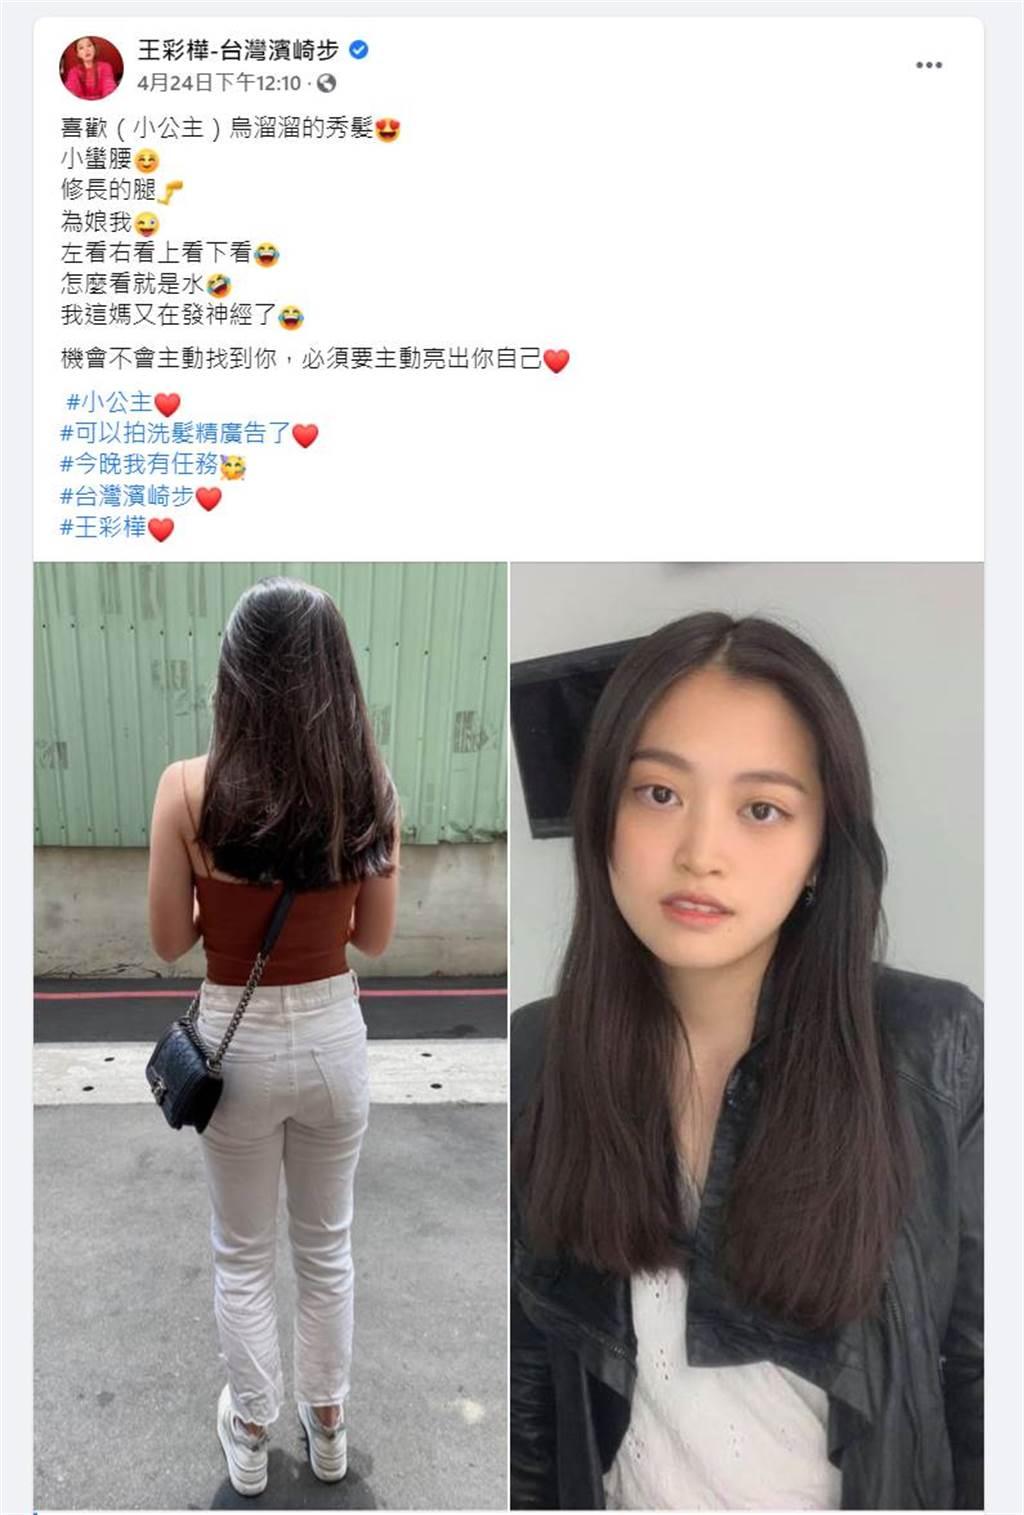 王彩樺臉書全文。(圖/取材自王彩樺-台灣濱崎步 臉書)